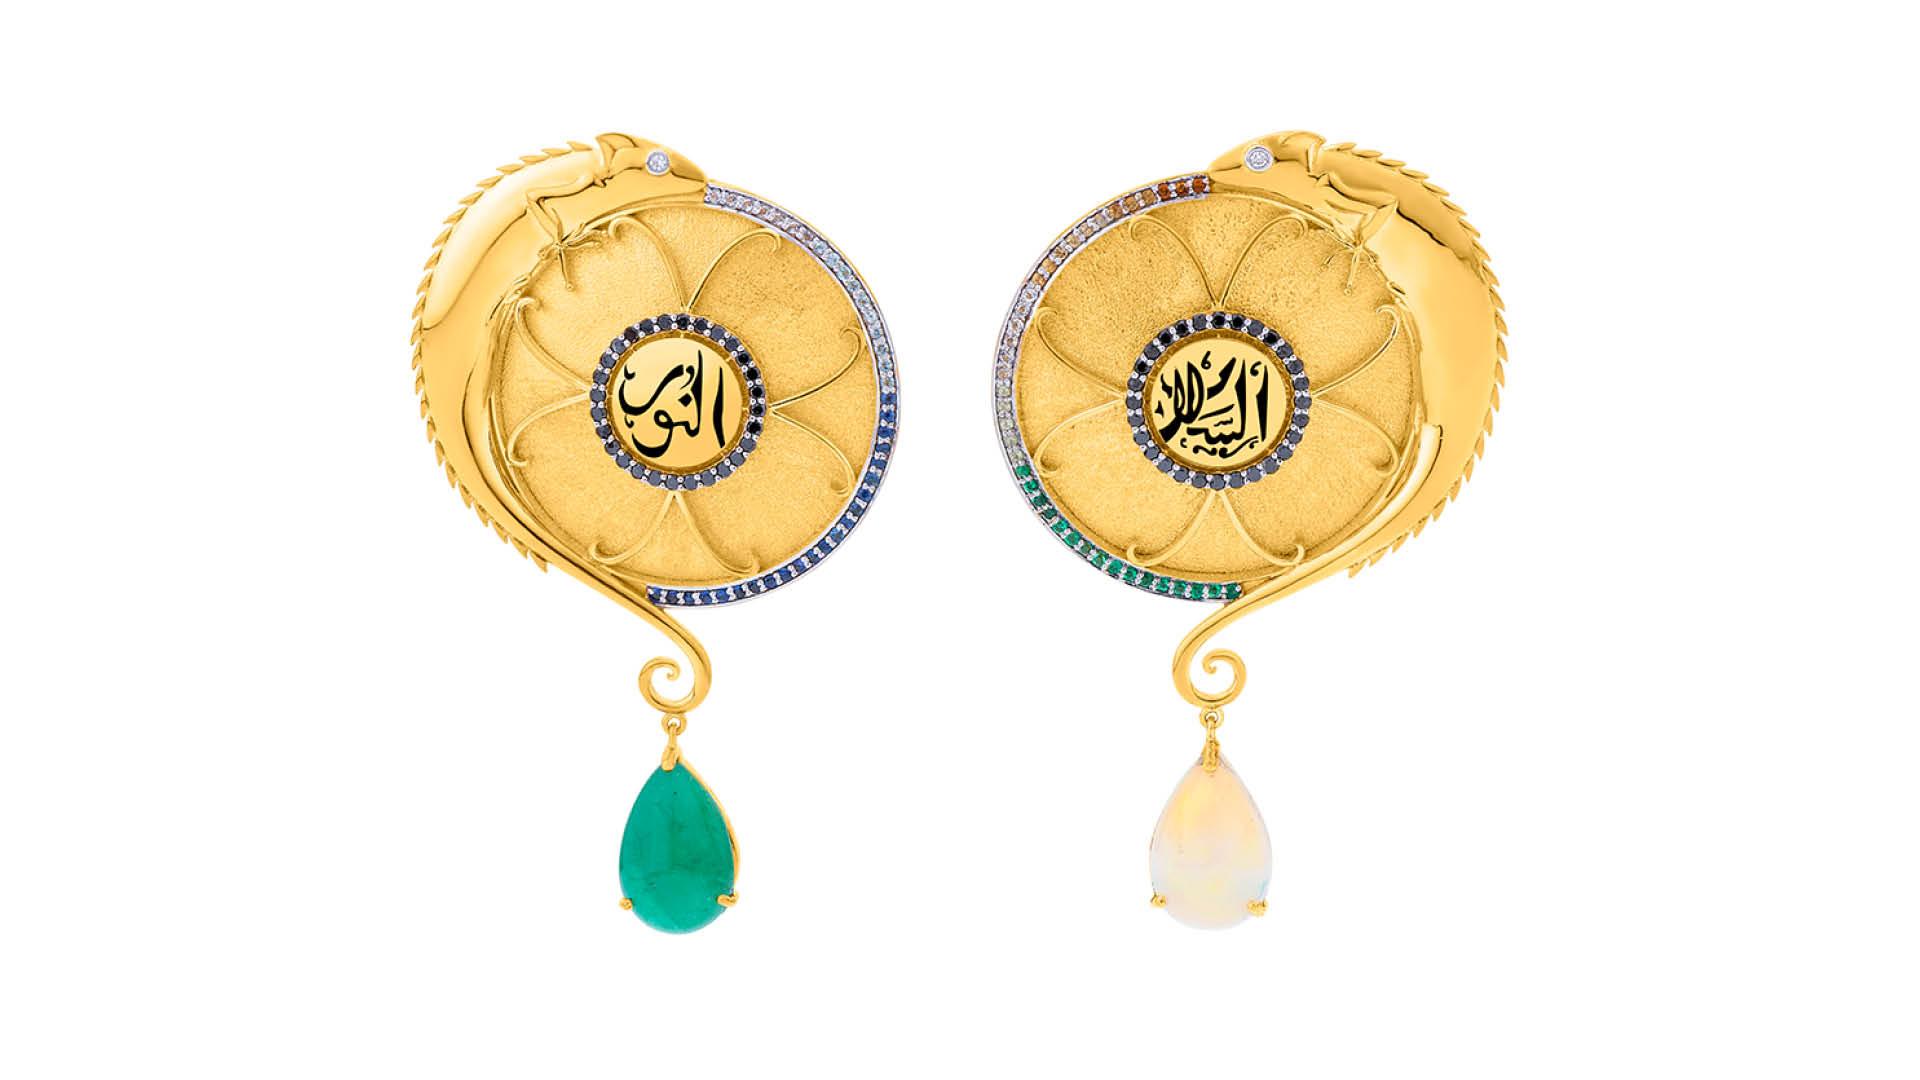 MKS Jewellery Amalie Beljafla